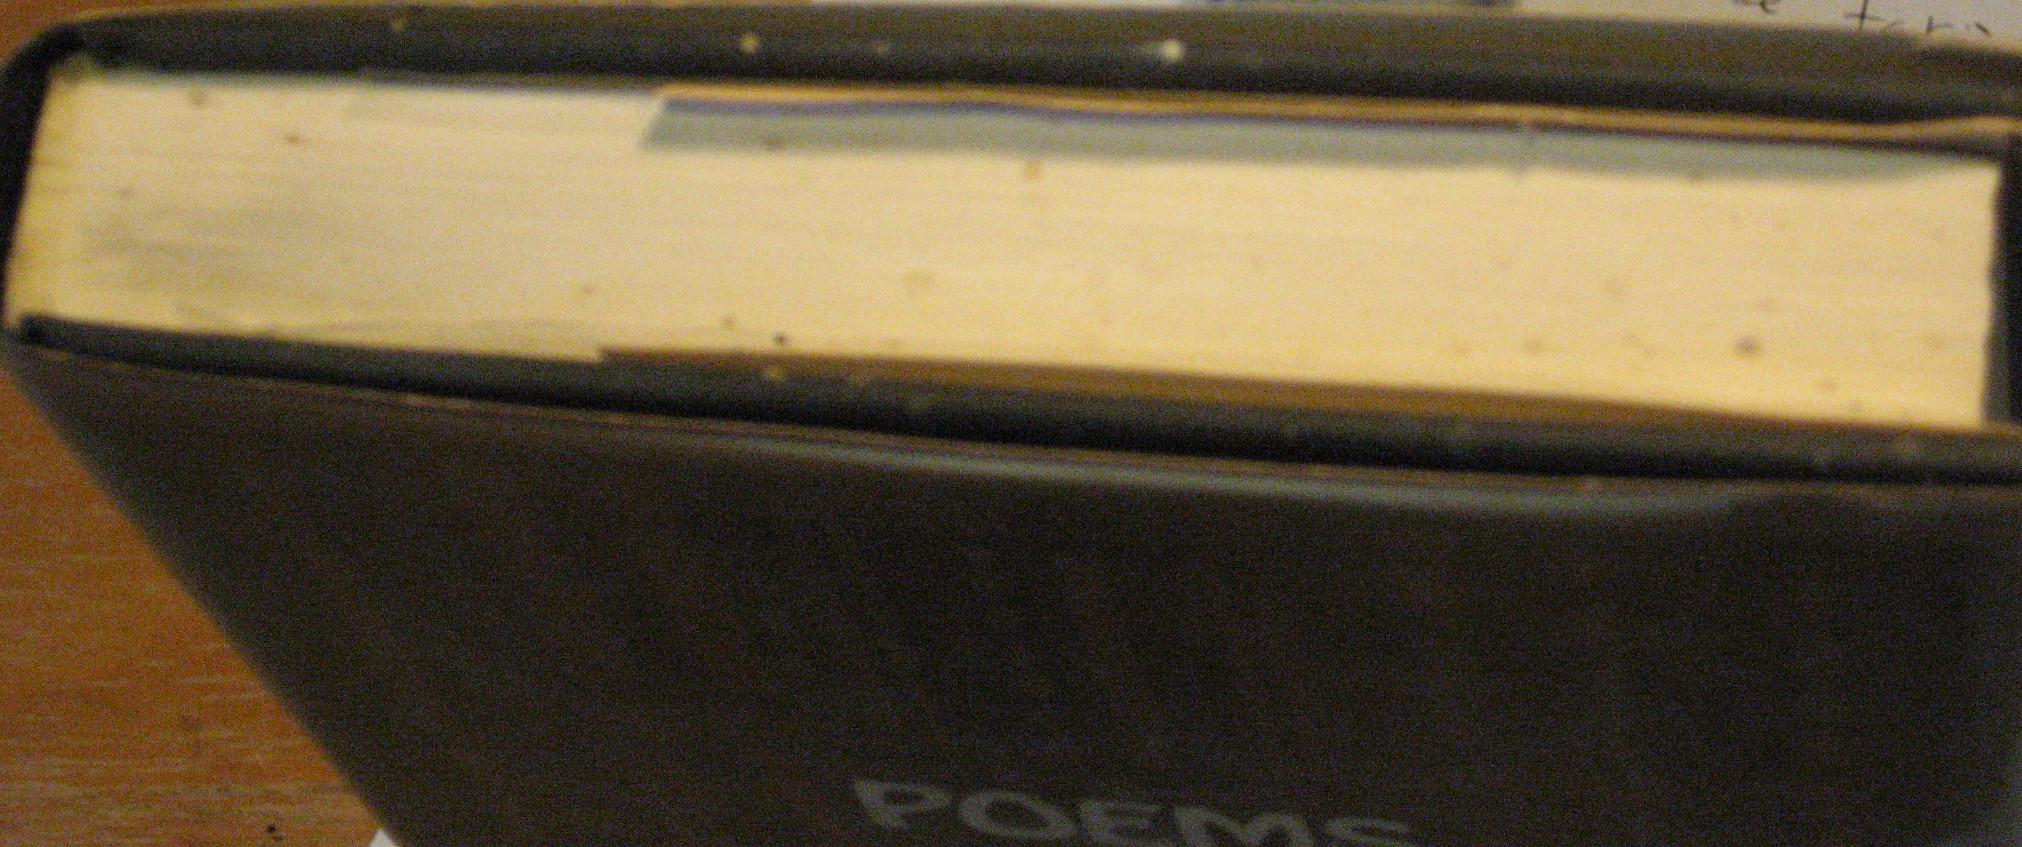 Poems of Black Africa, Wole Soyinka